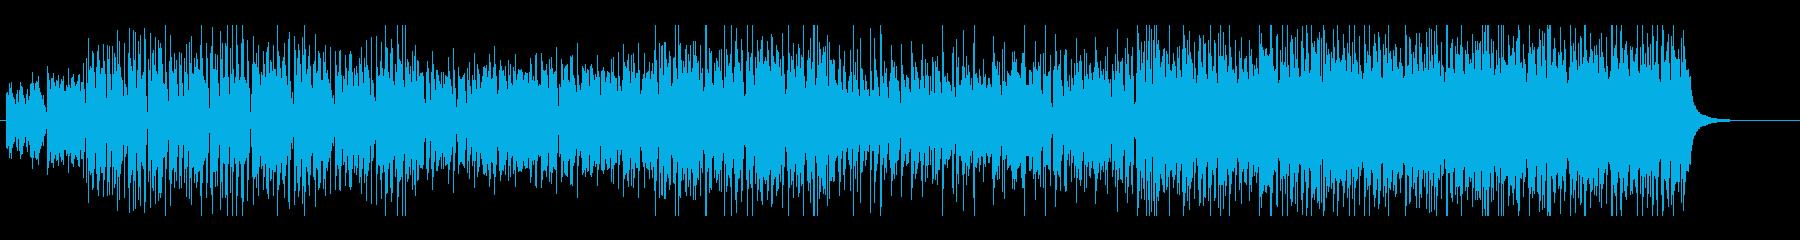 ジングルベルのシャッフルテクノの再生済みの波形